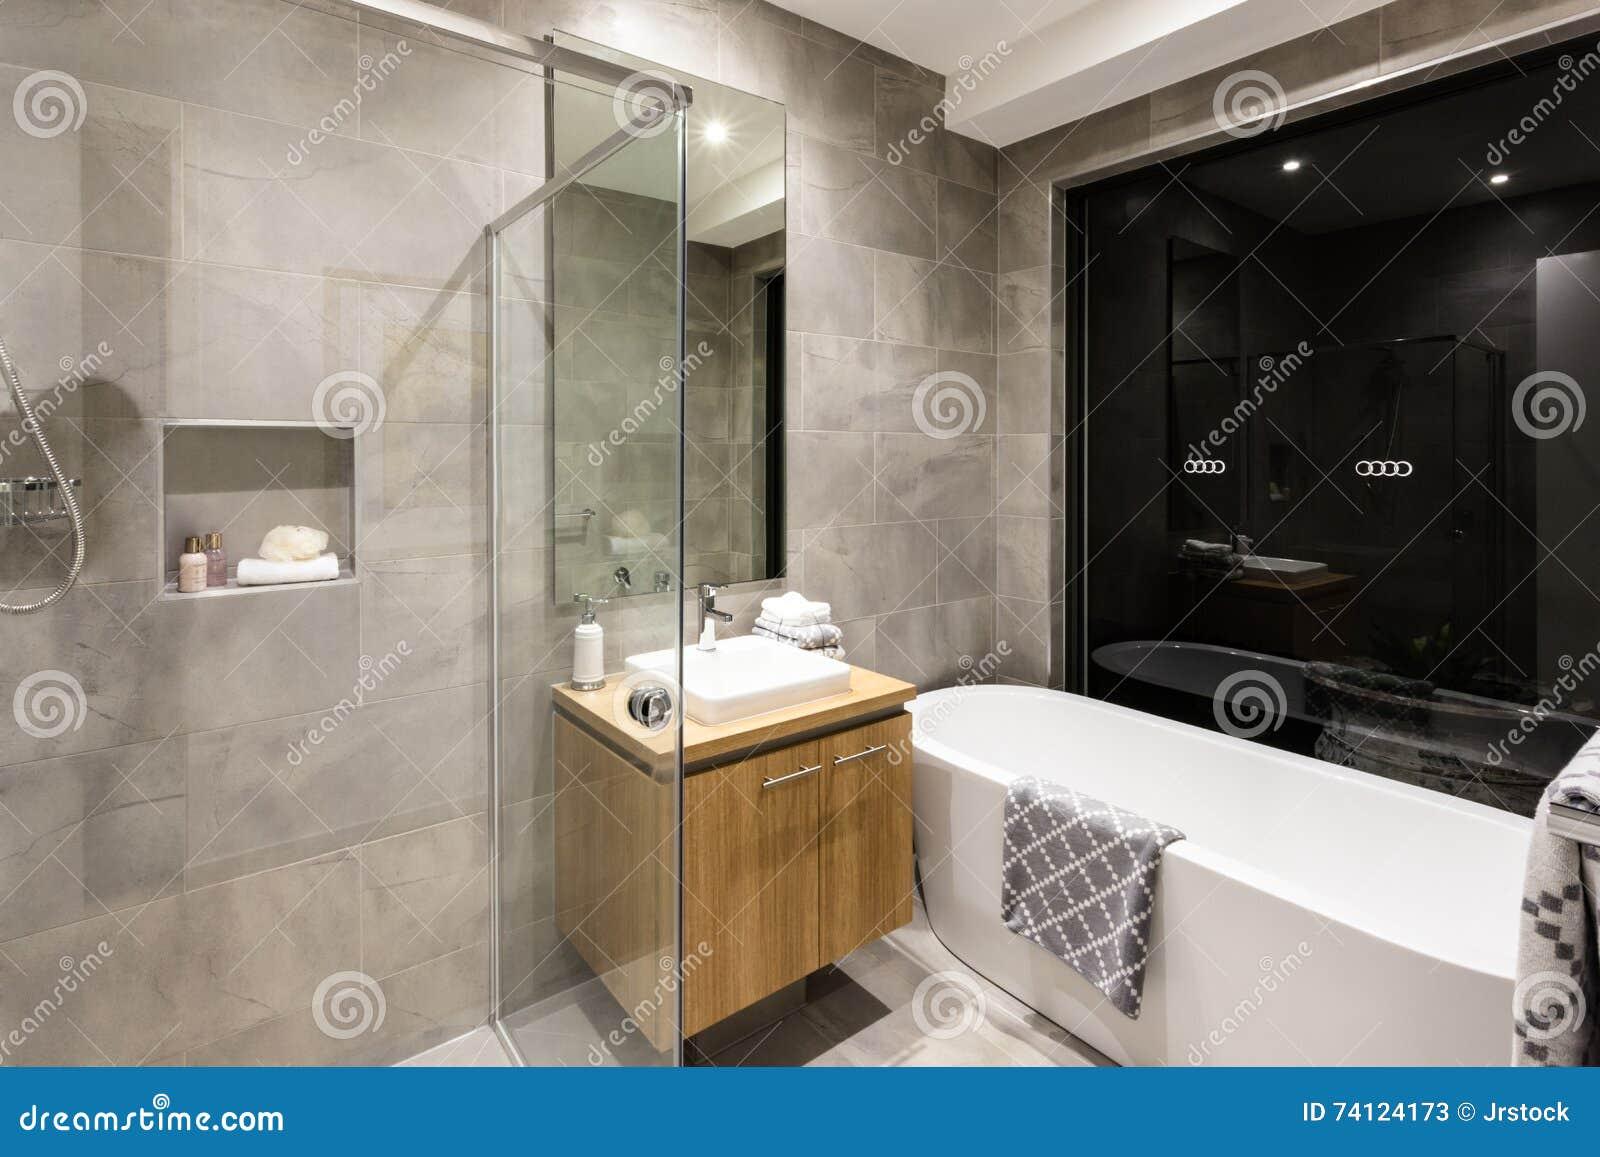 Cuartos De Baño Con Bañera Y Ducha | Cuarto De Bano Moderno Con Una Ducha Y Una Banera Imagen De Archivo